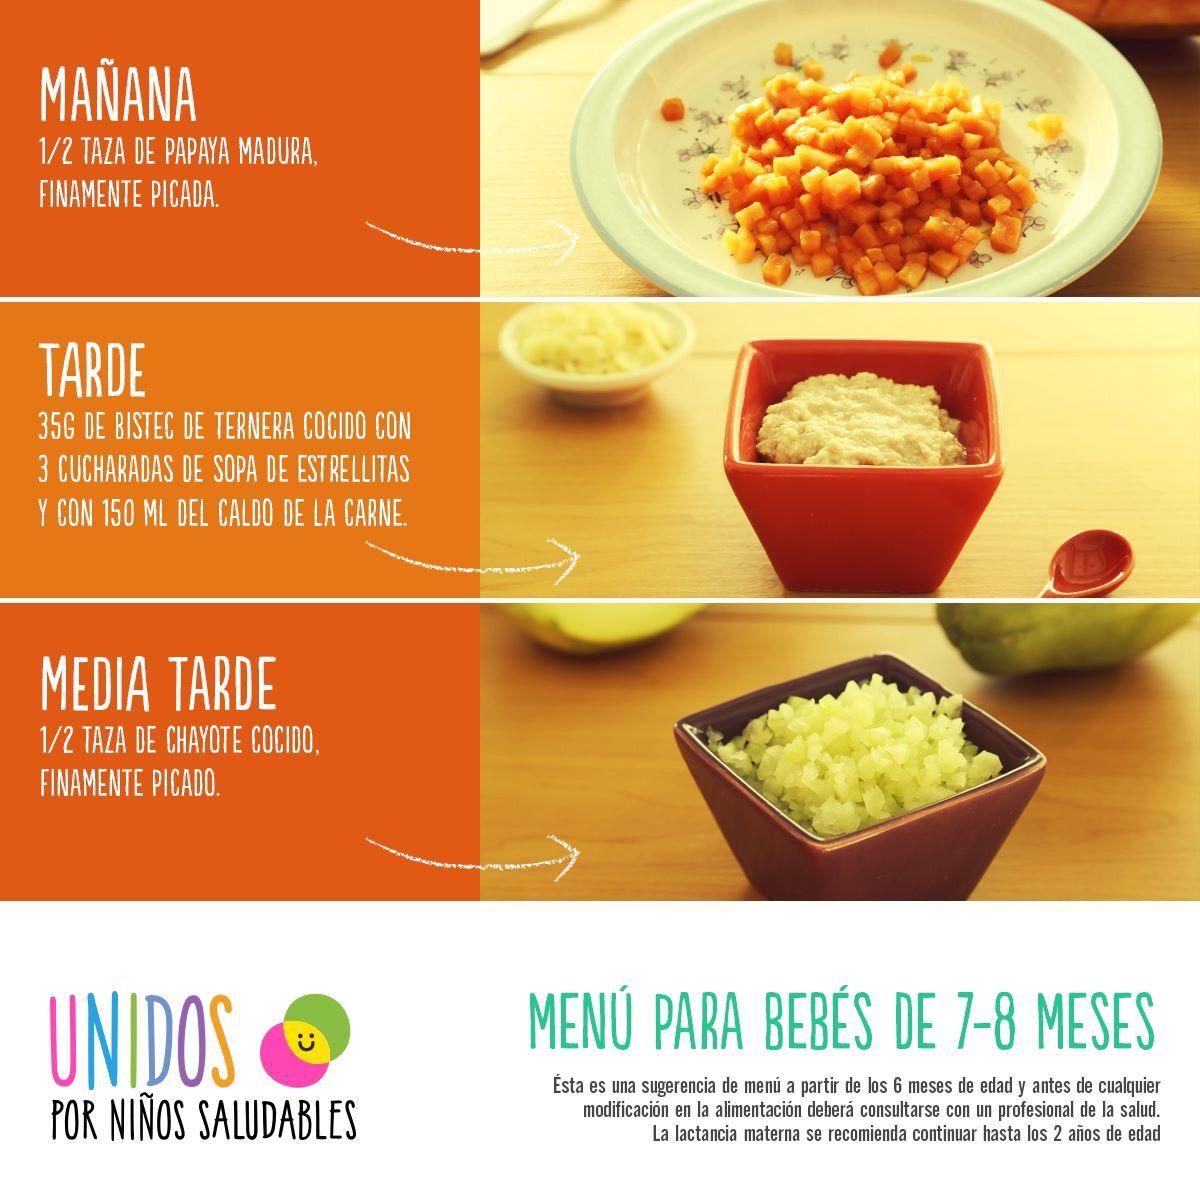 Plan Refrigerio Saludable Comida Bebe 7 Meses Recetas De Comida Para Bebes Comida Para Bebes